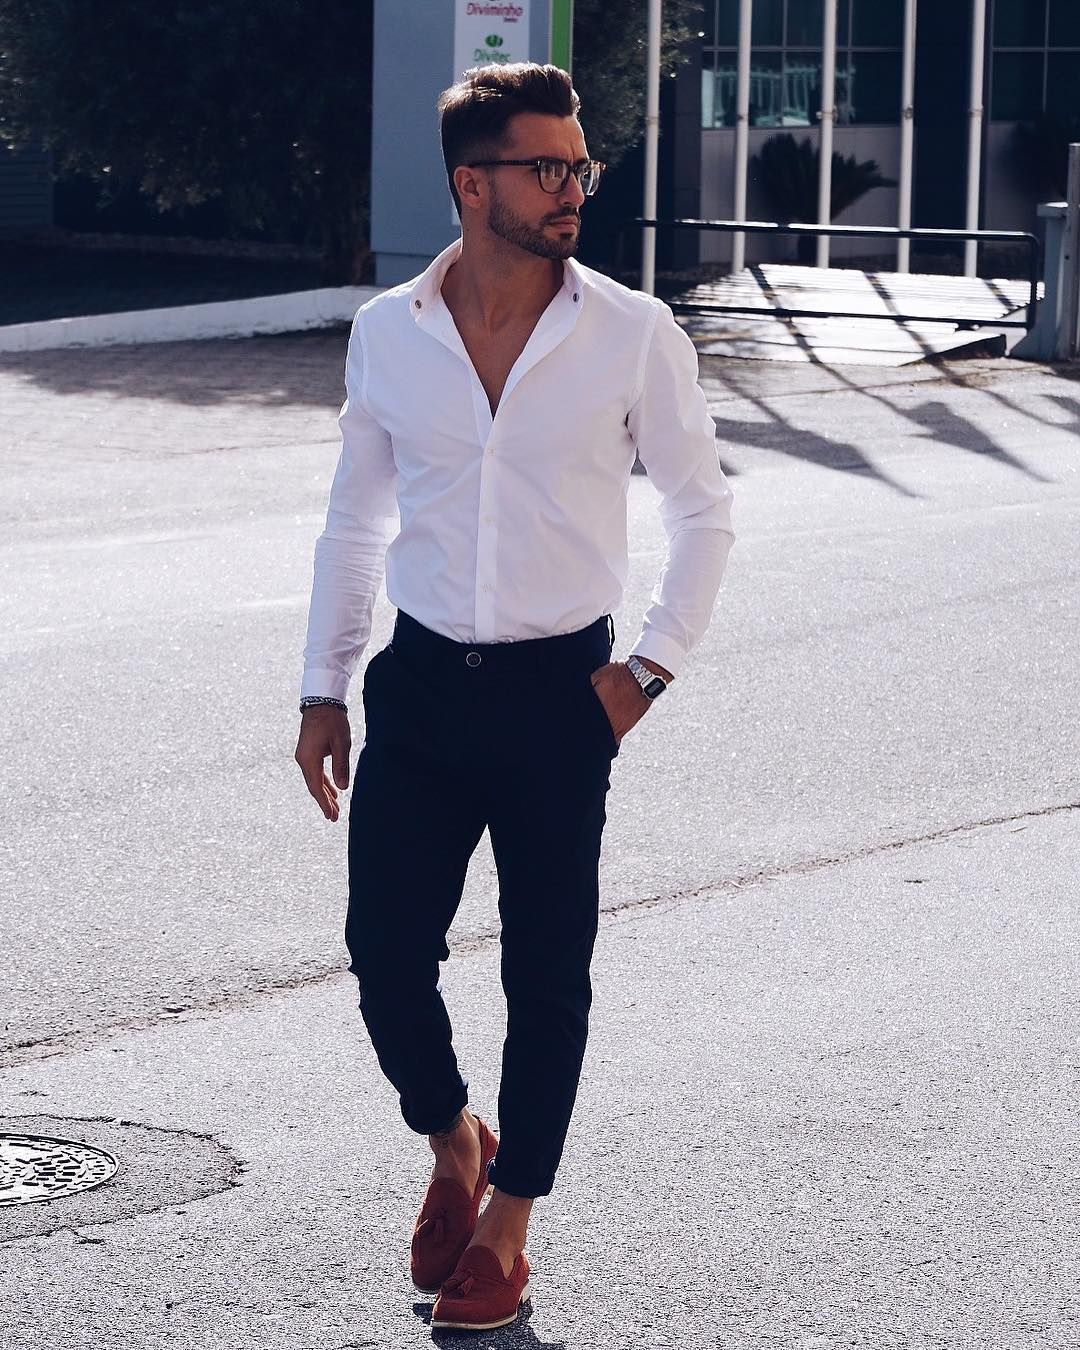 Men's office wear  White shirt + suit pants  Visit urbanmenoutfits